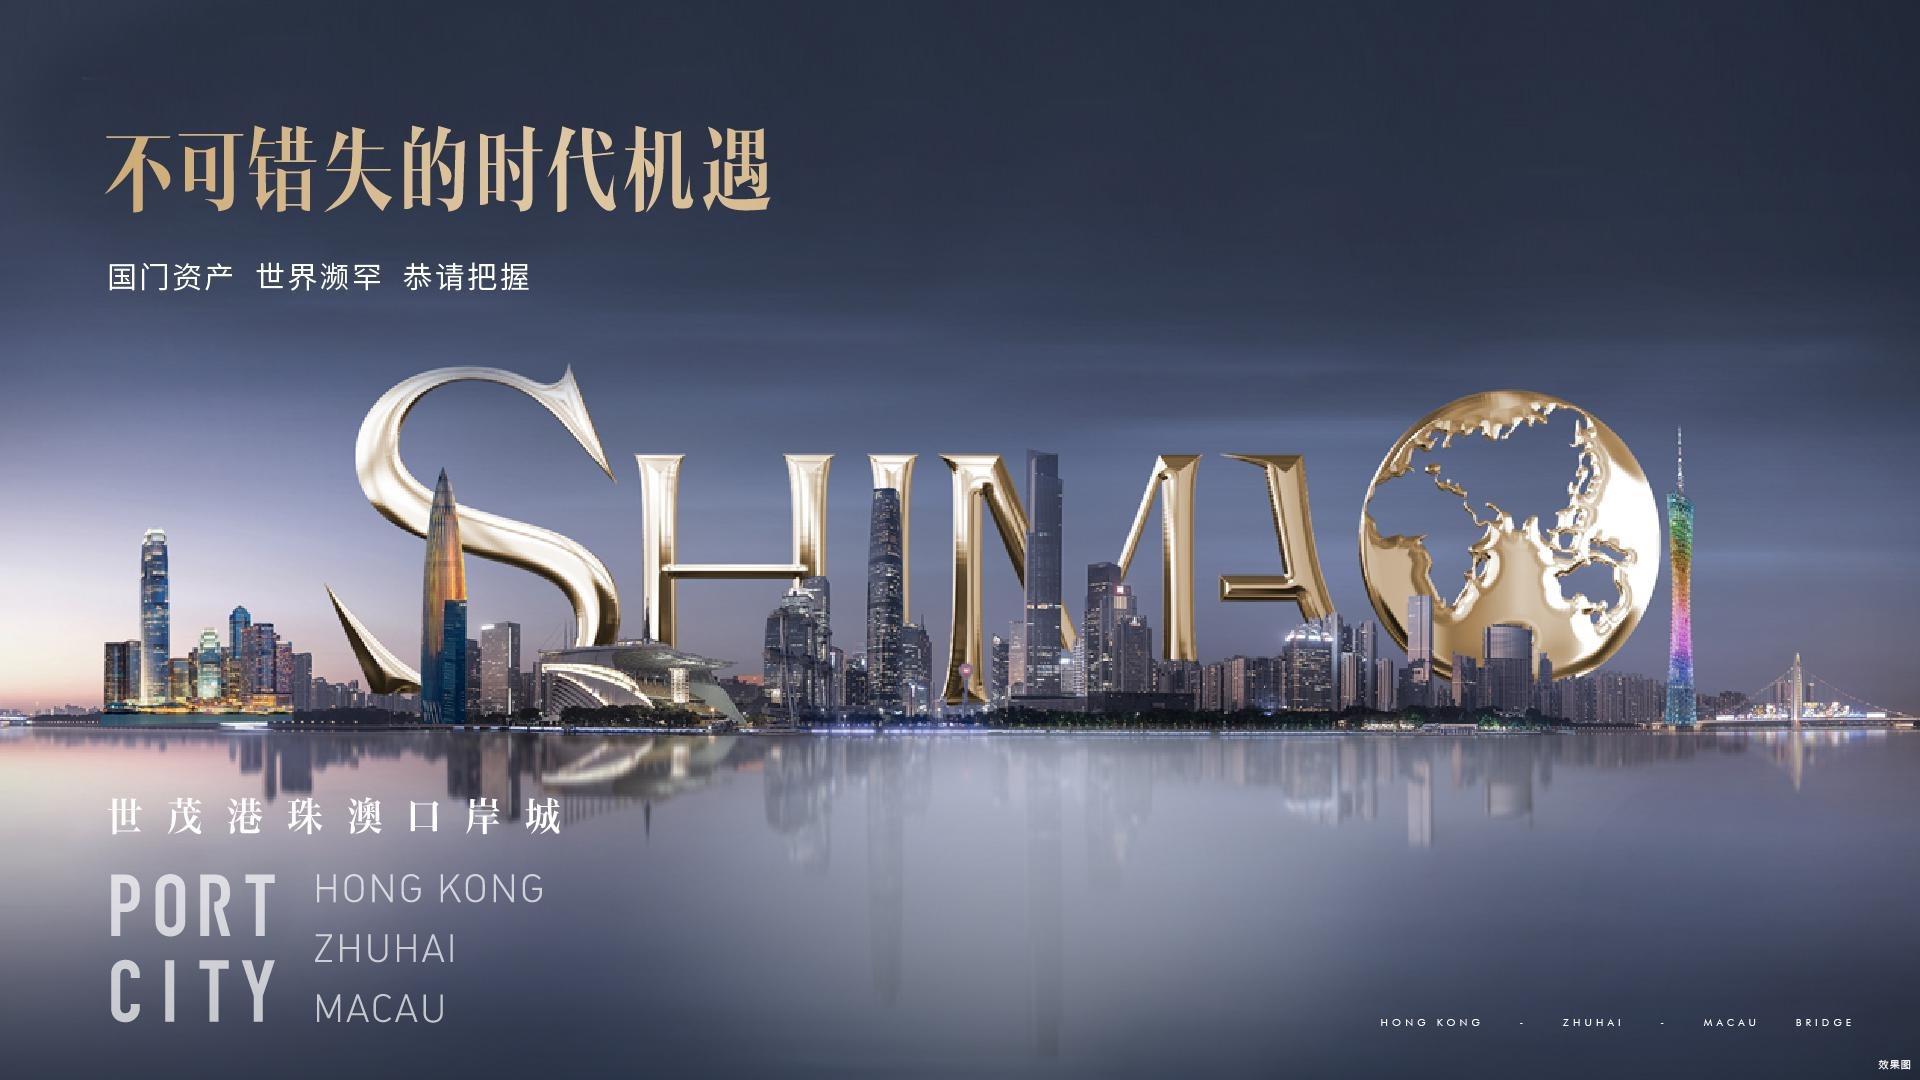 CHINACO.jpg